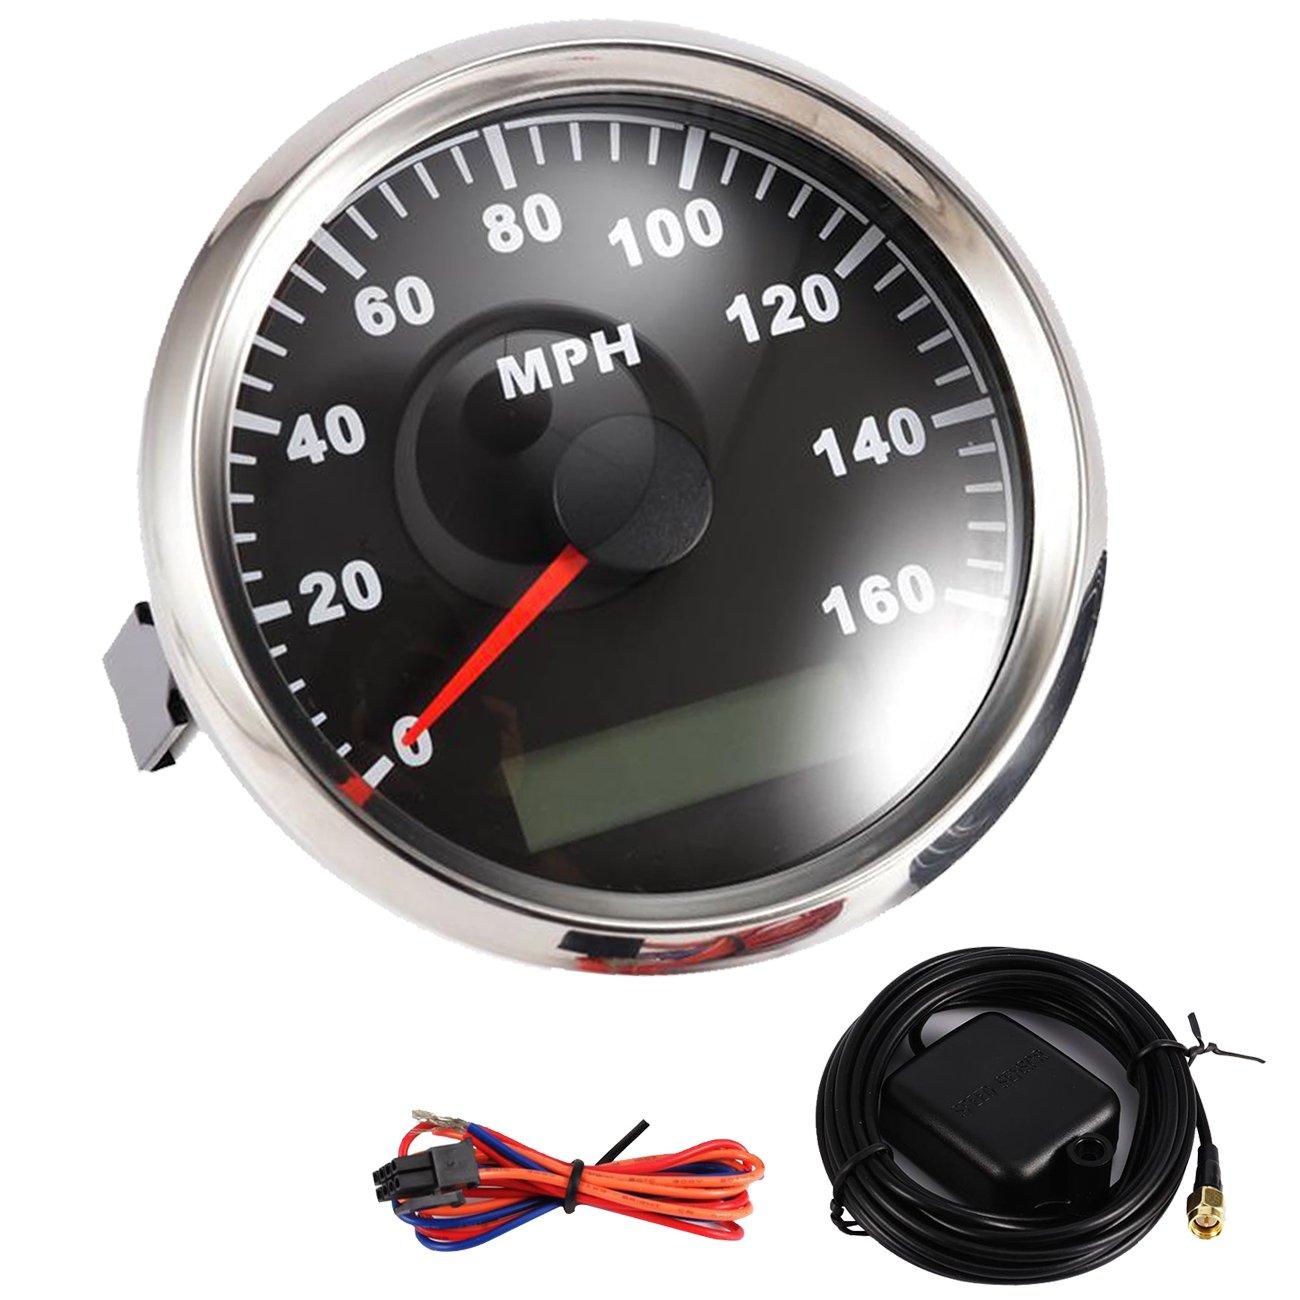 Partol 85mm Digital GPS Speedometer Gauge Waterproof Universal Odometer 0-160MPH for ATV UTV Car Truck Motorcycle Marine Boat